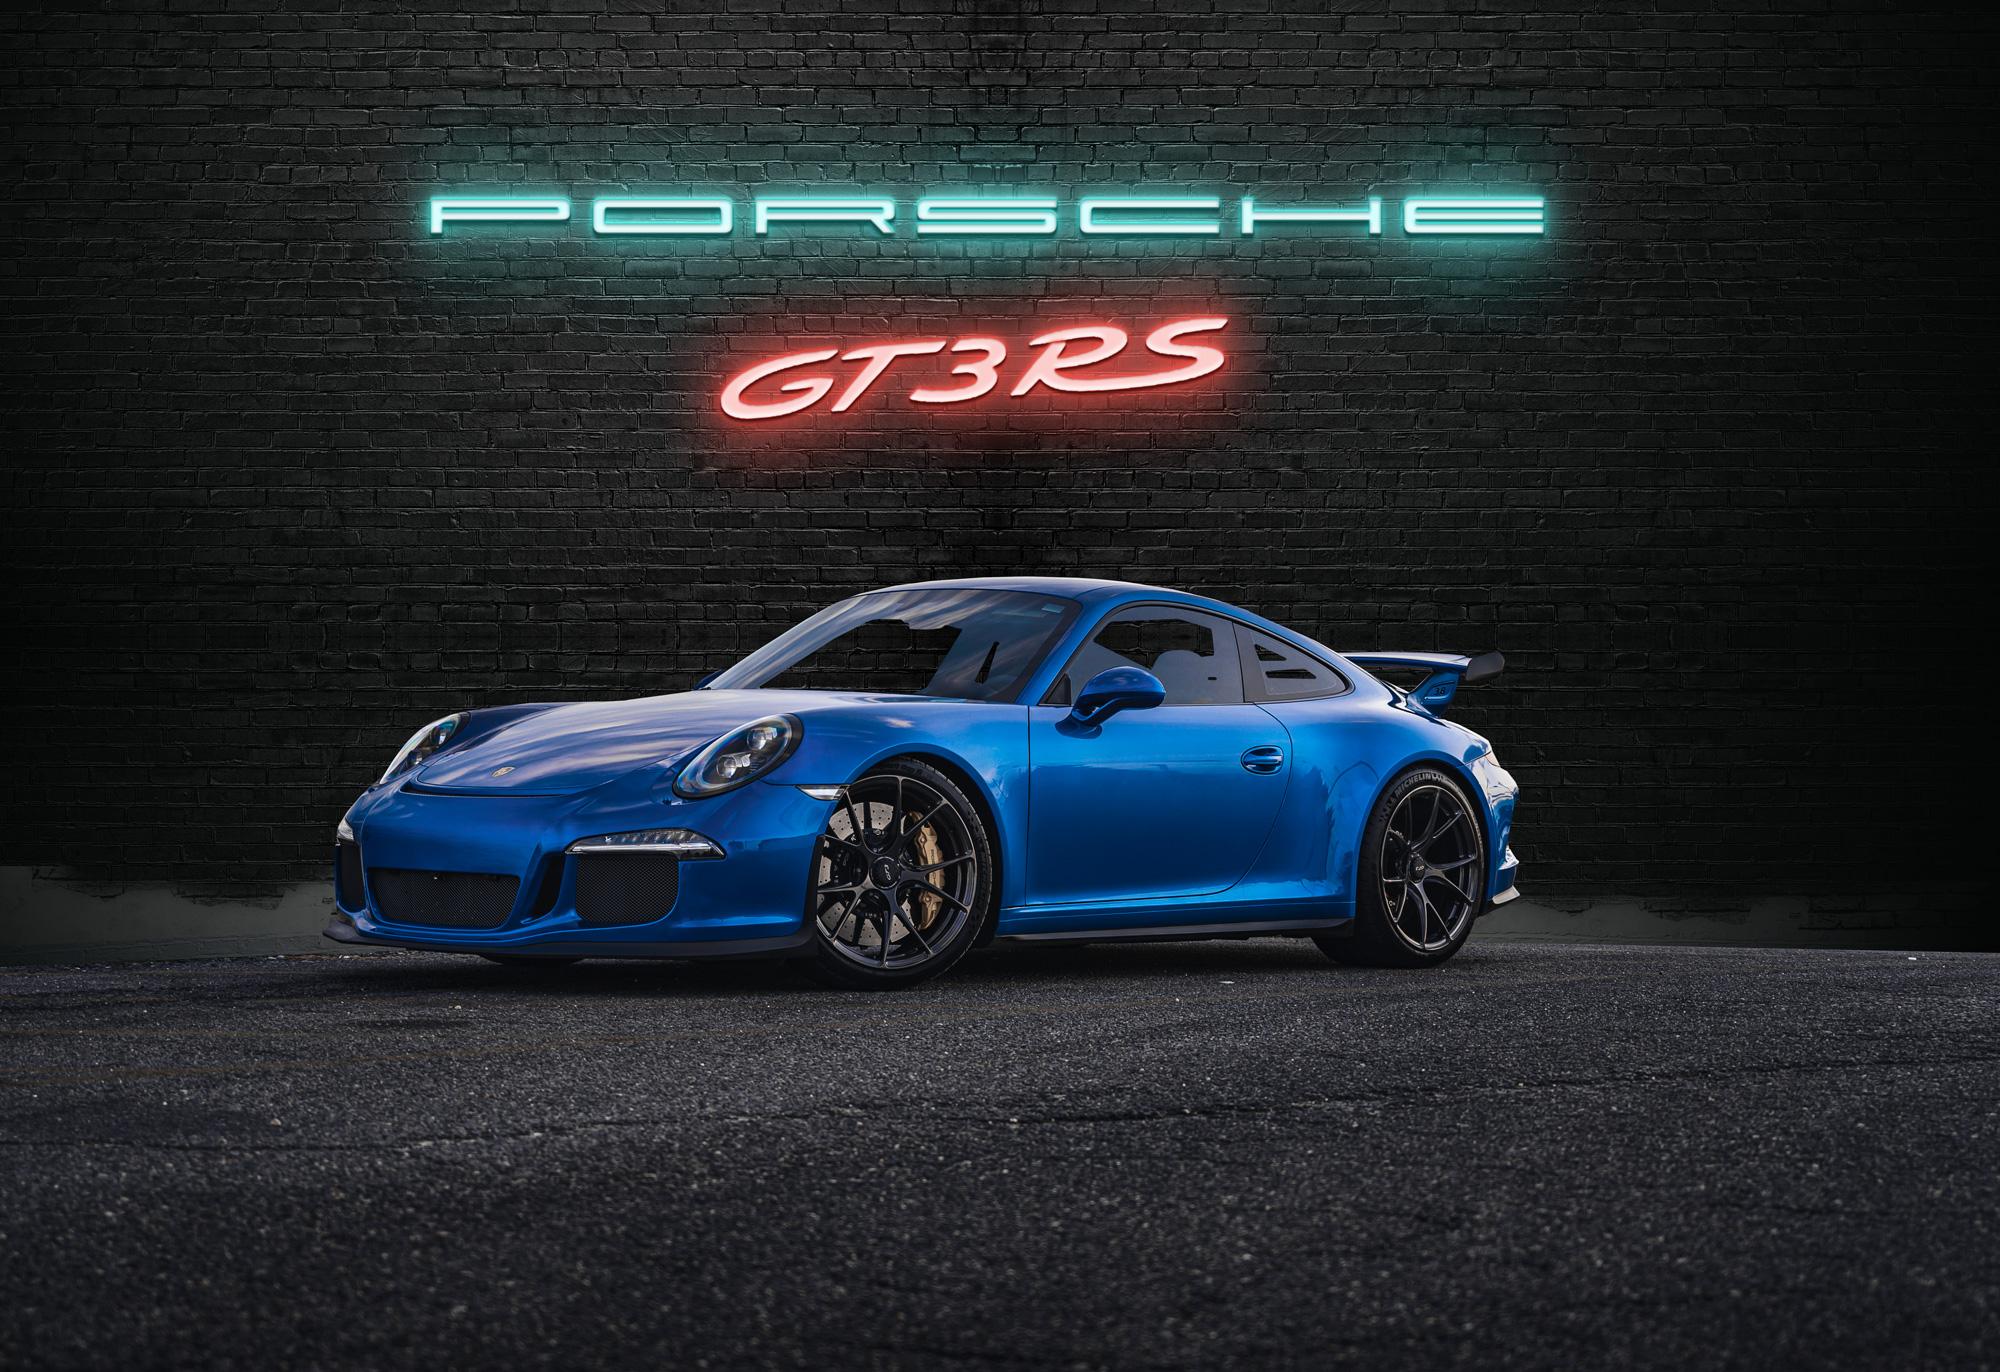 Porsche 911 back wall